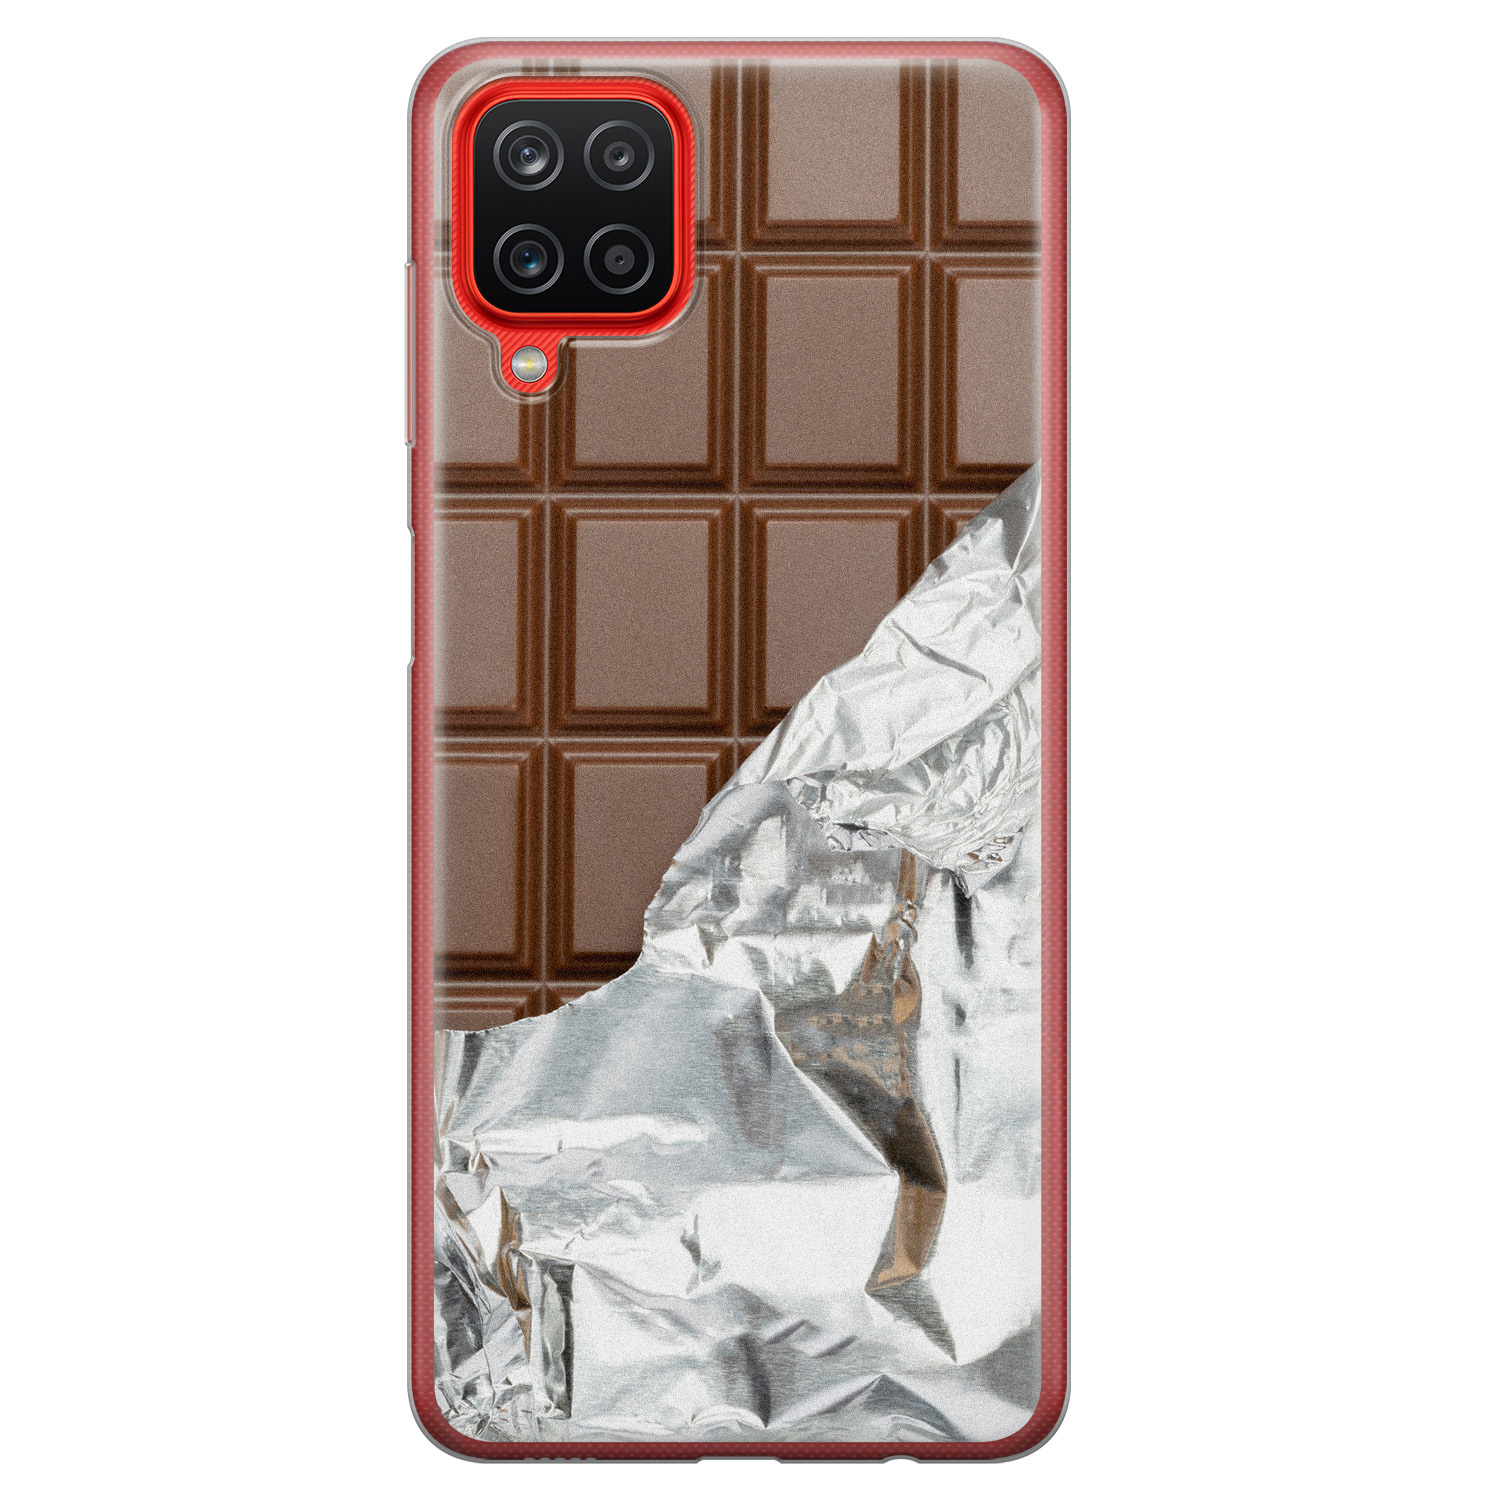 Samsung Galaxy A12 siliconen hoesje - Chocoladereep